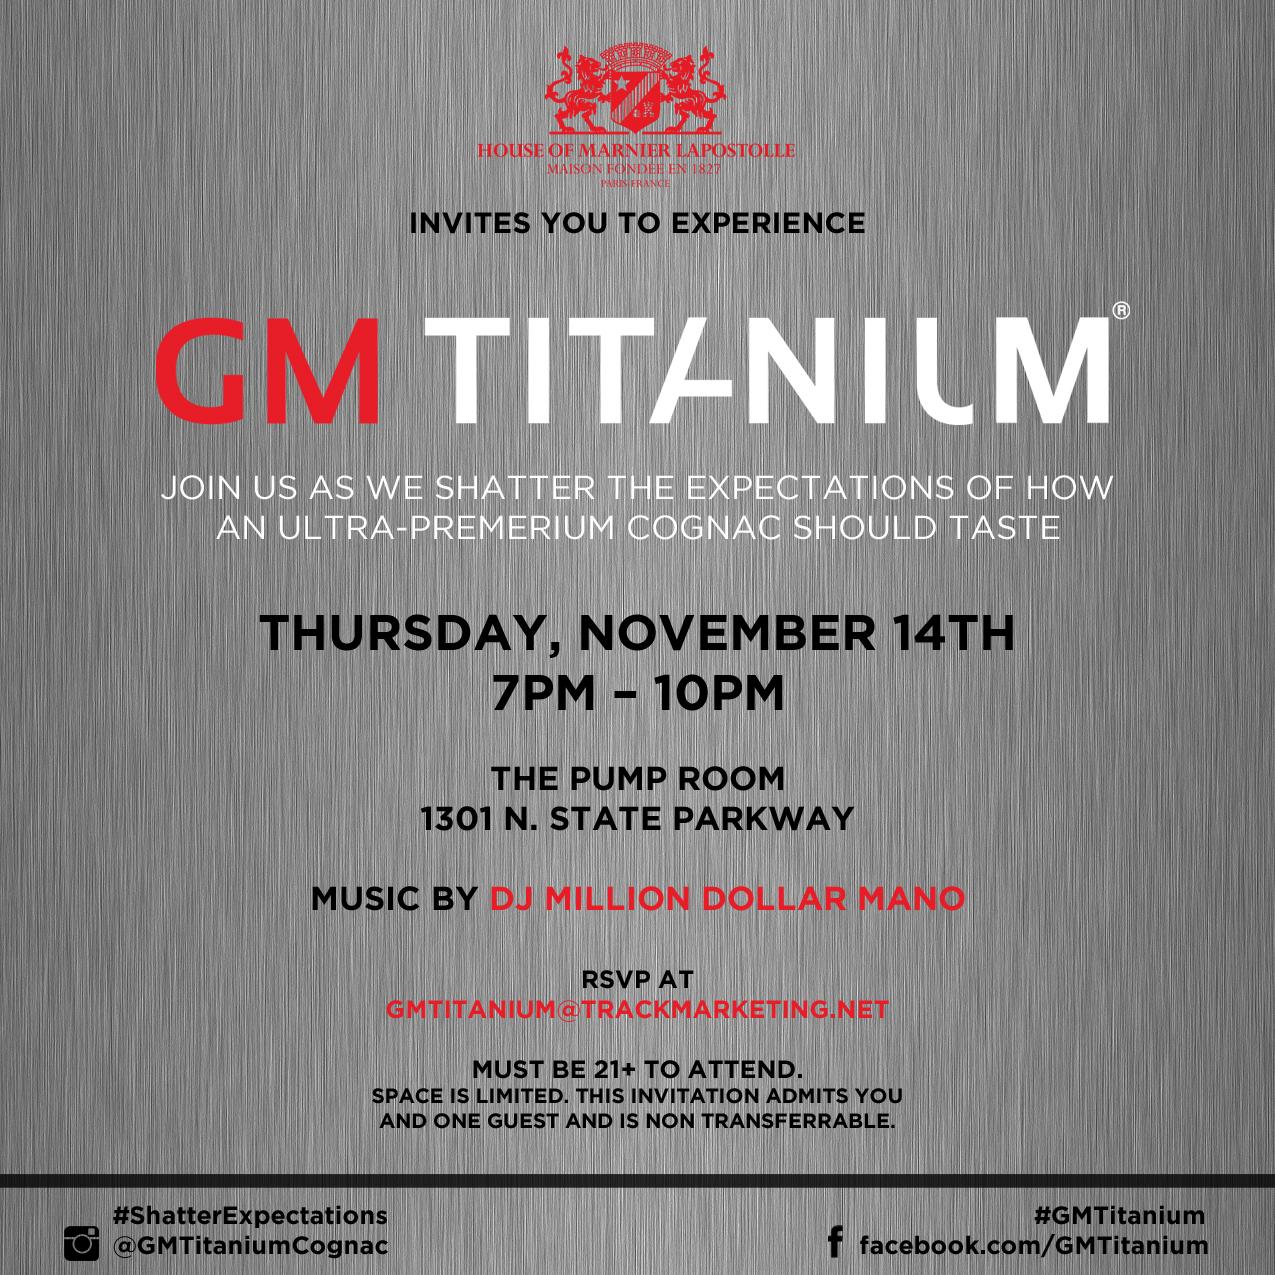 GM_Titanium_Invitation.jpg